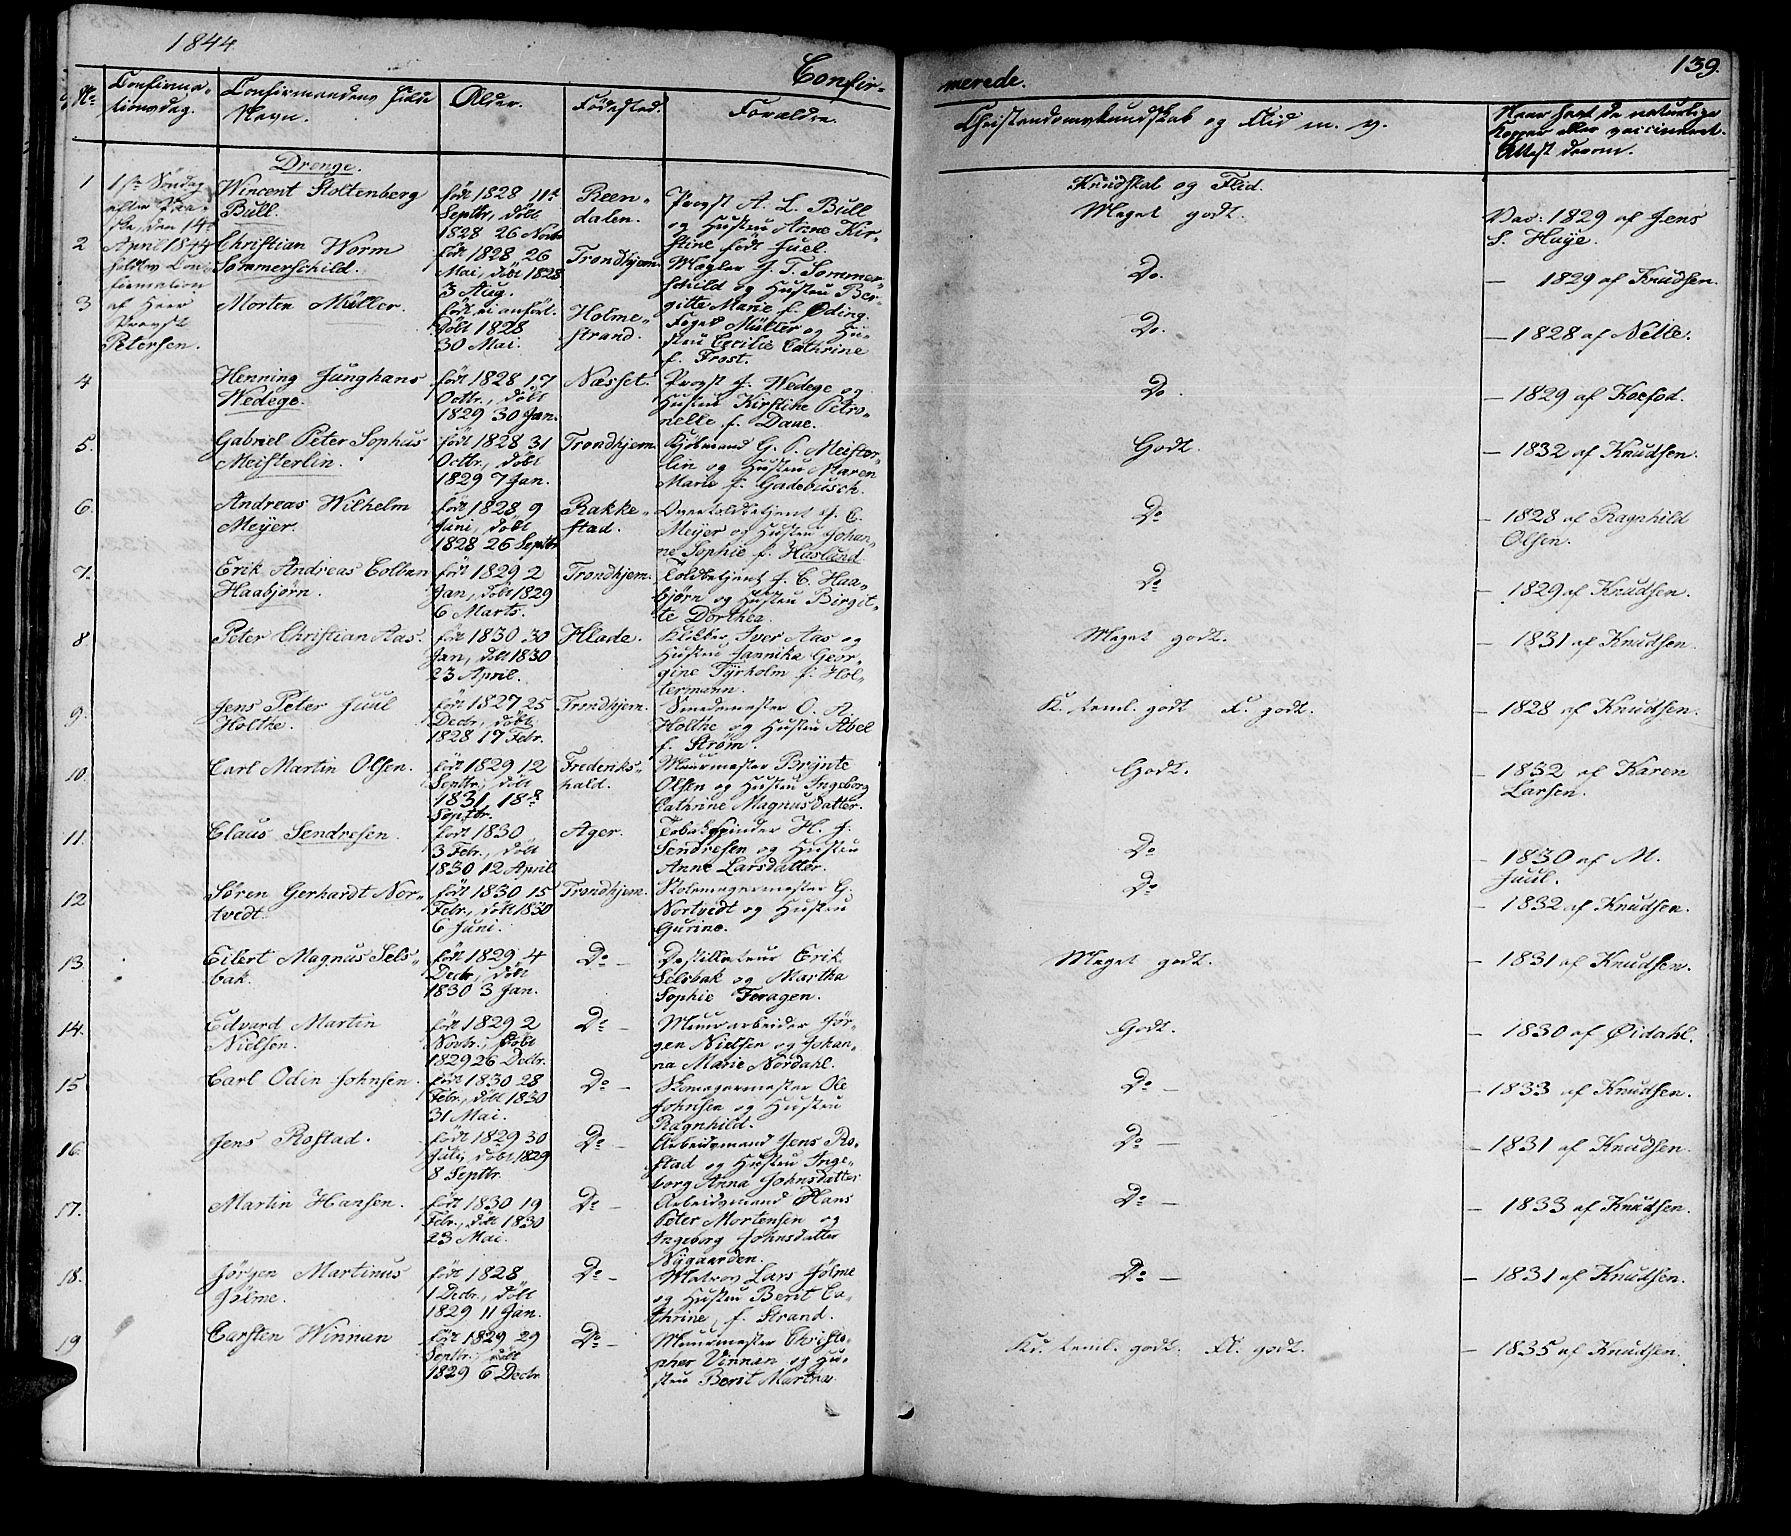 SAT, Ministerialprotokoller, klokkerbøker og fødselsregistre - Sør-Trøndelag, 602/L0136: Klokkerbok nr. 602C04, 1833-1845, s. 139